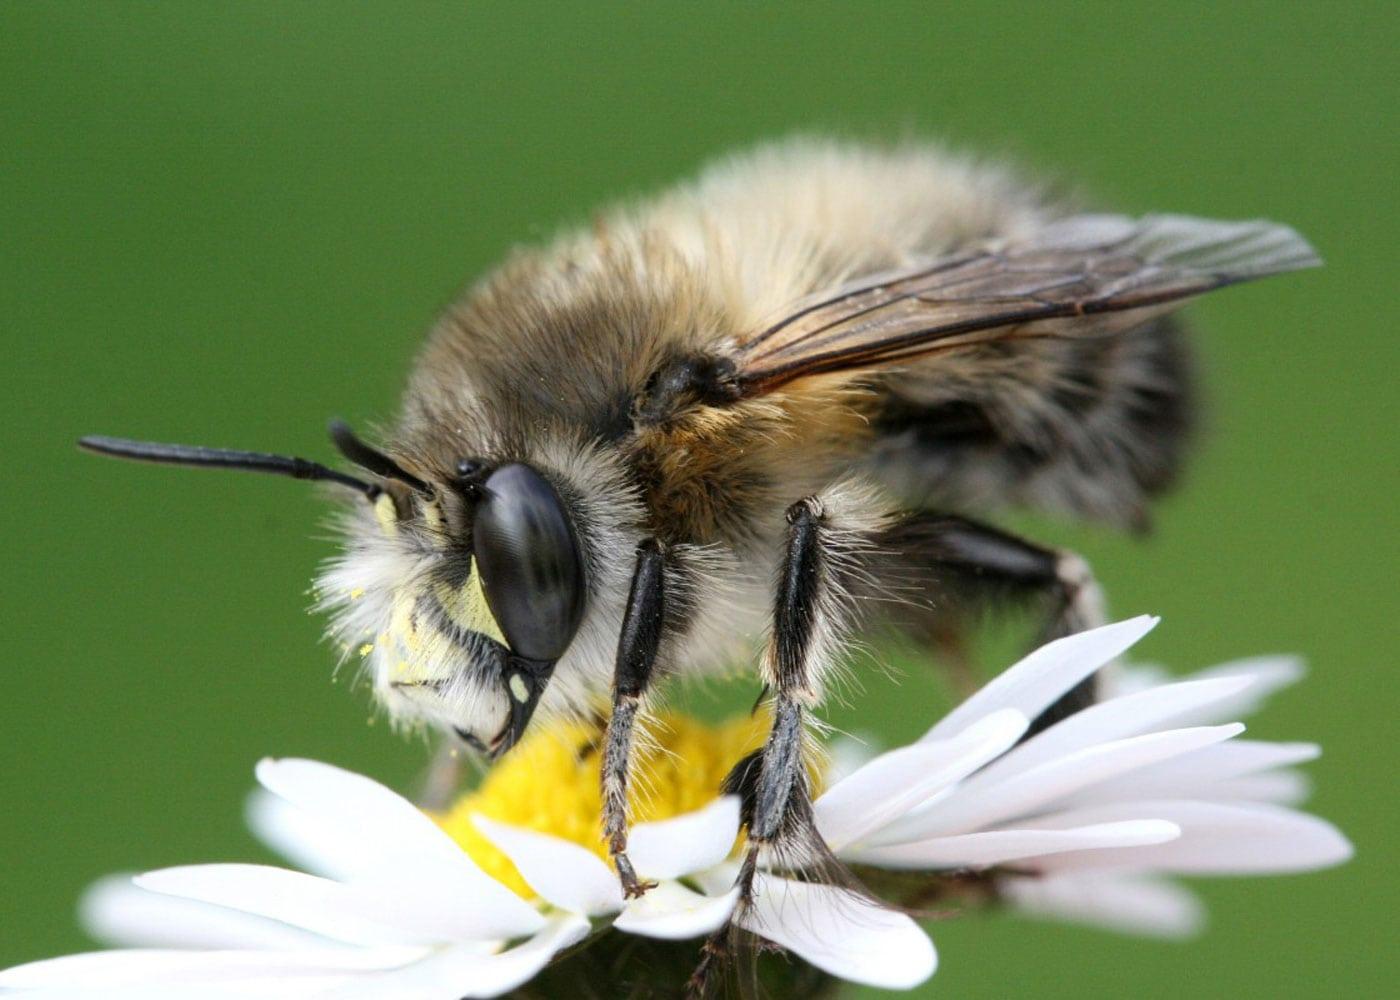 Bienenfreundliche Pflanzen und Flächen: gemeine Pelzbiene schützen // HIMBEER